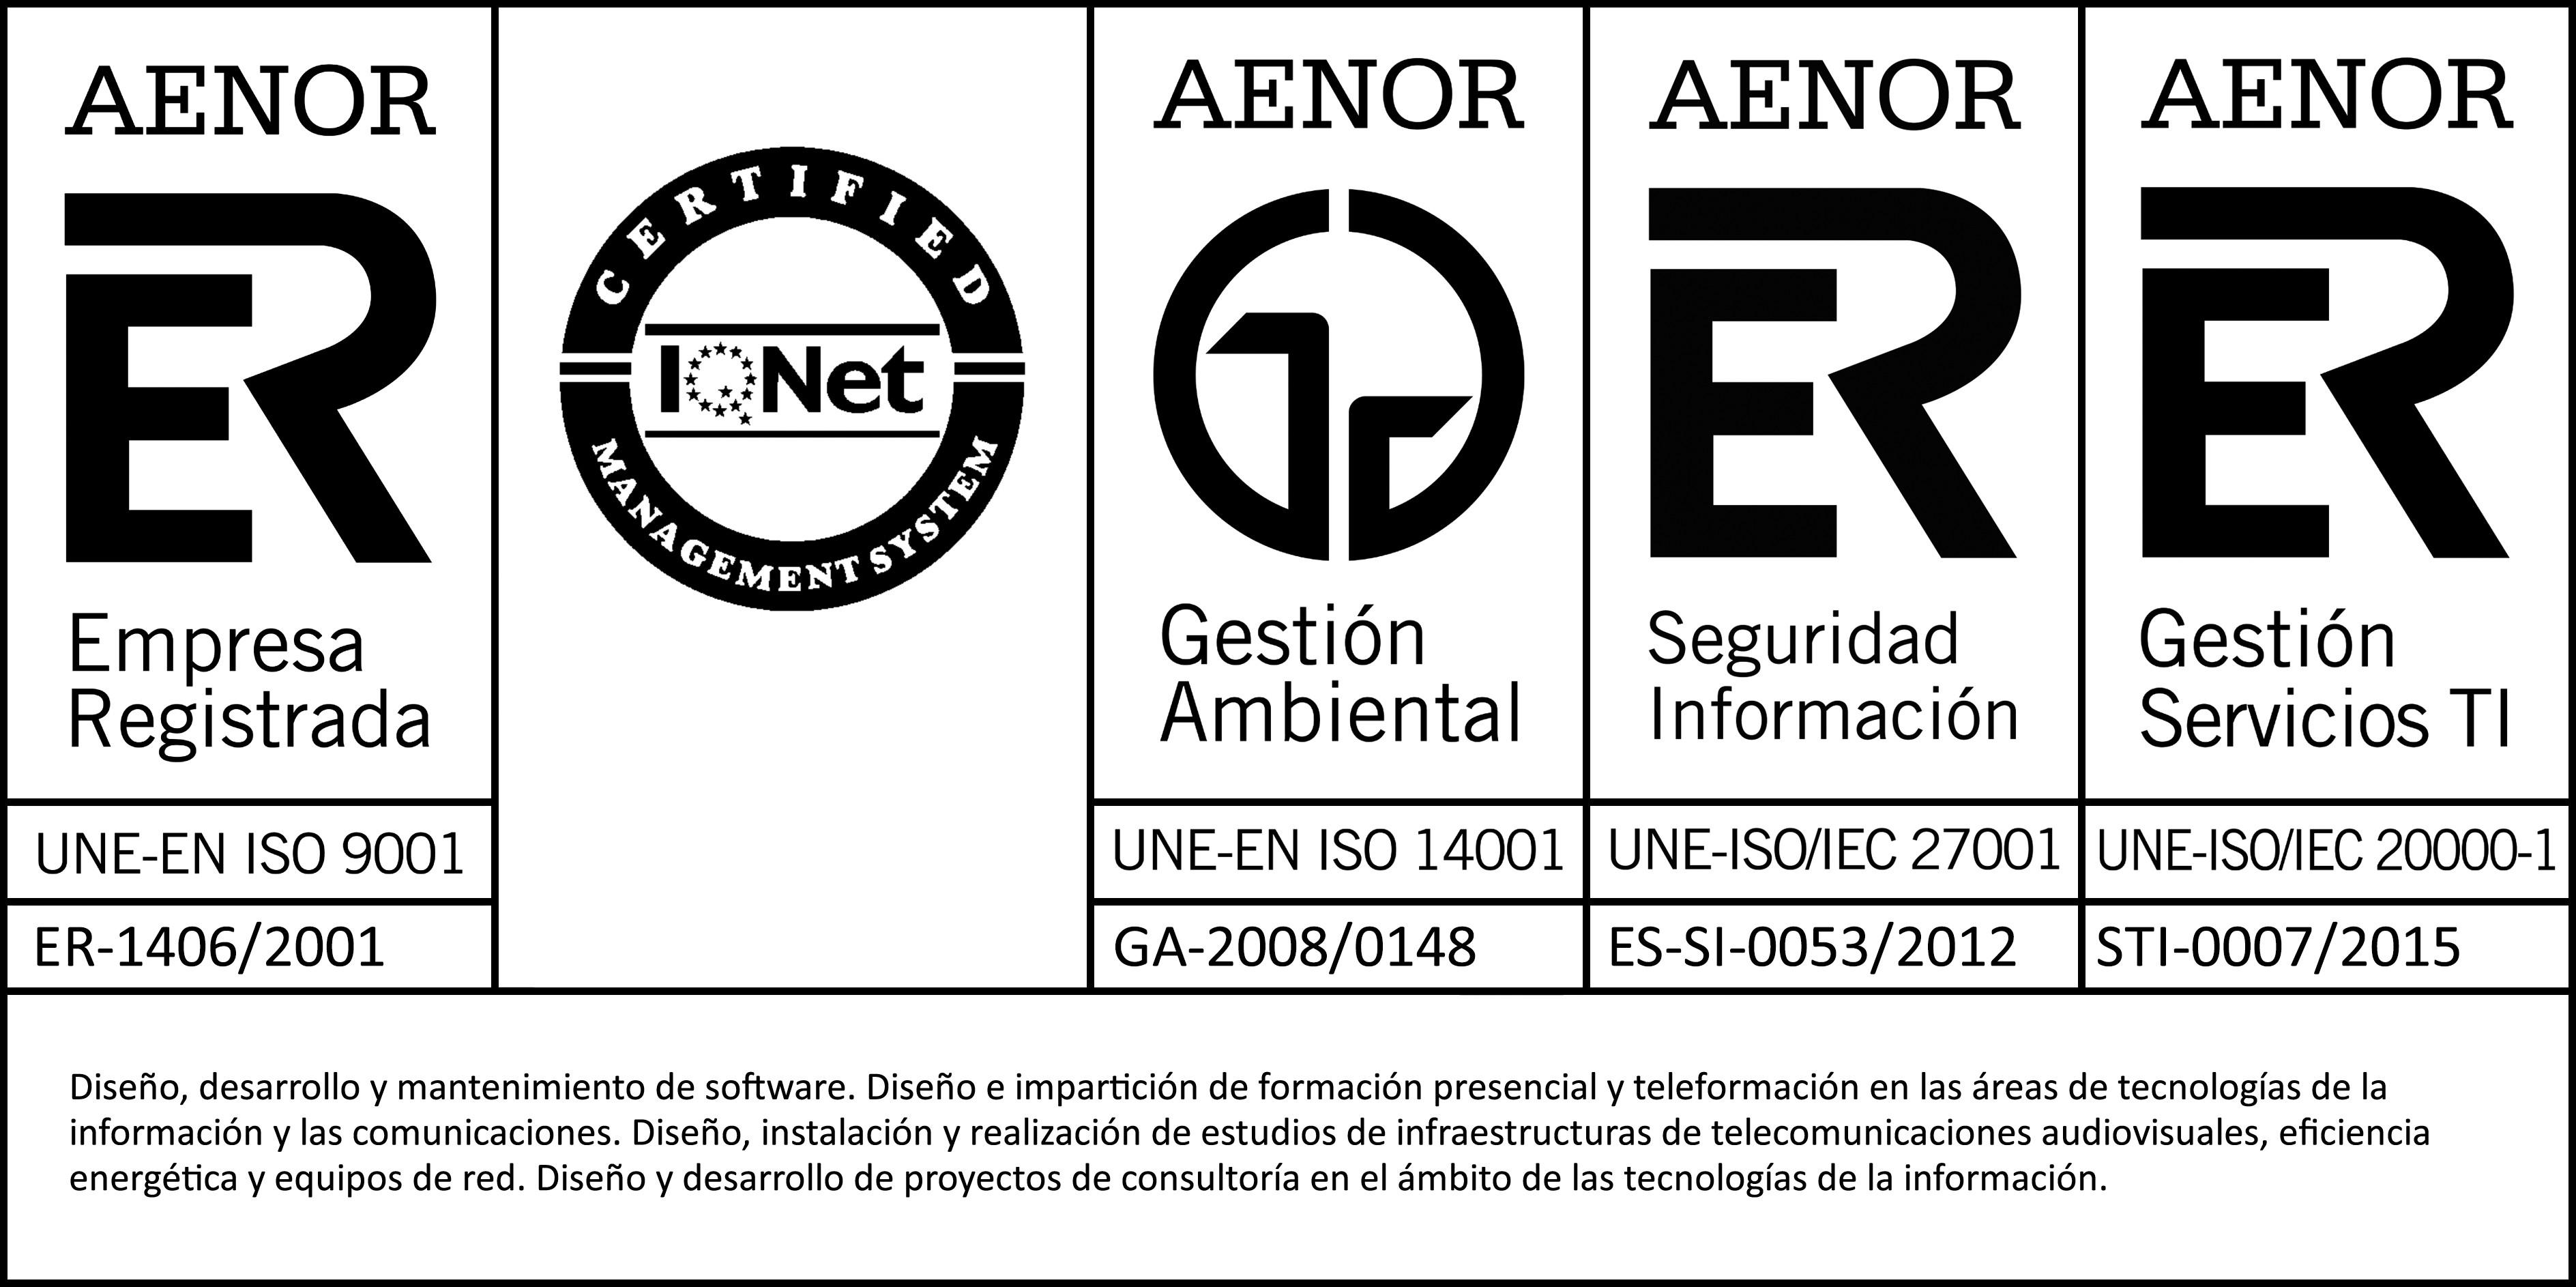 Nuevos_logoAENOR.jpg